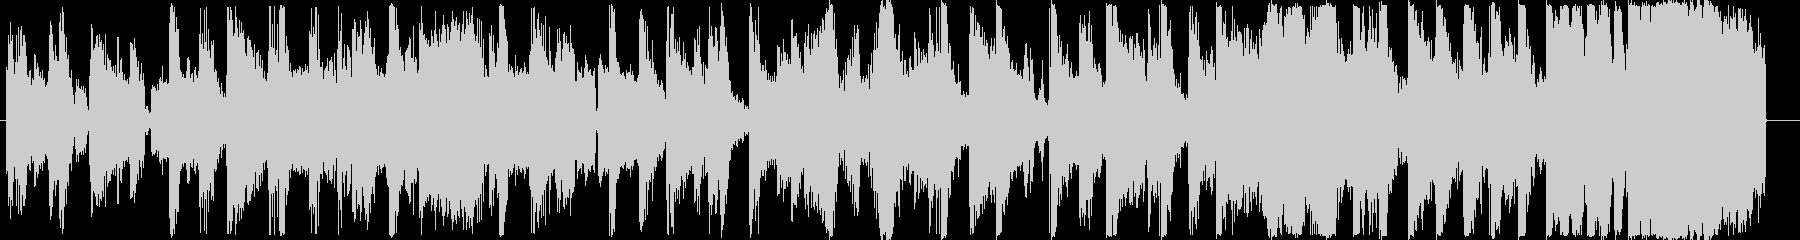 15秒に収まった使いやすいEDMジングルの未再生の波形